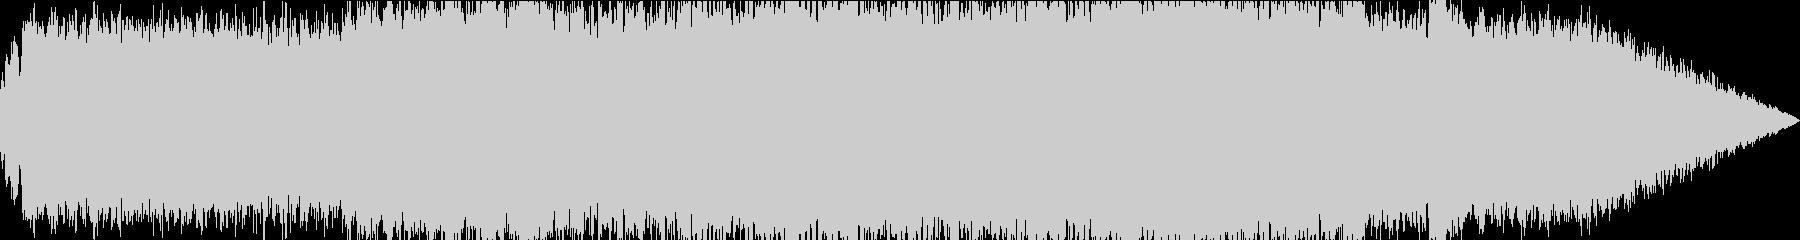 大団円的なBGMの未再生の波形